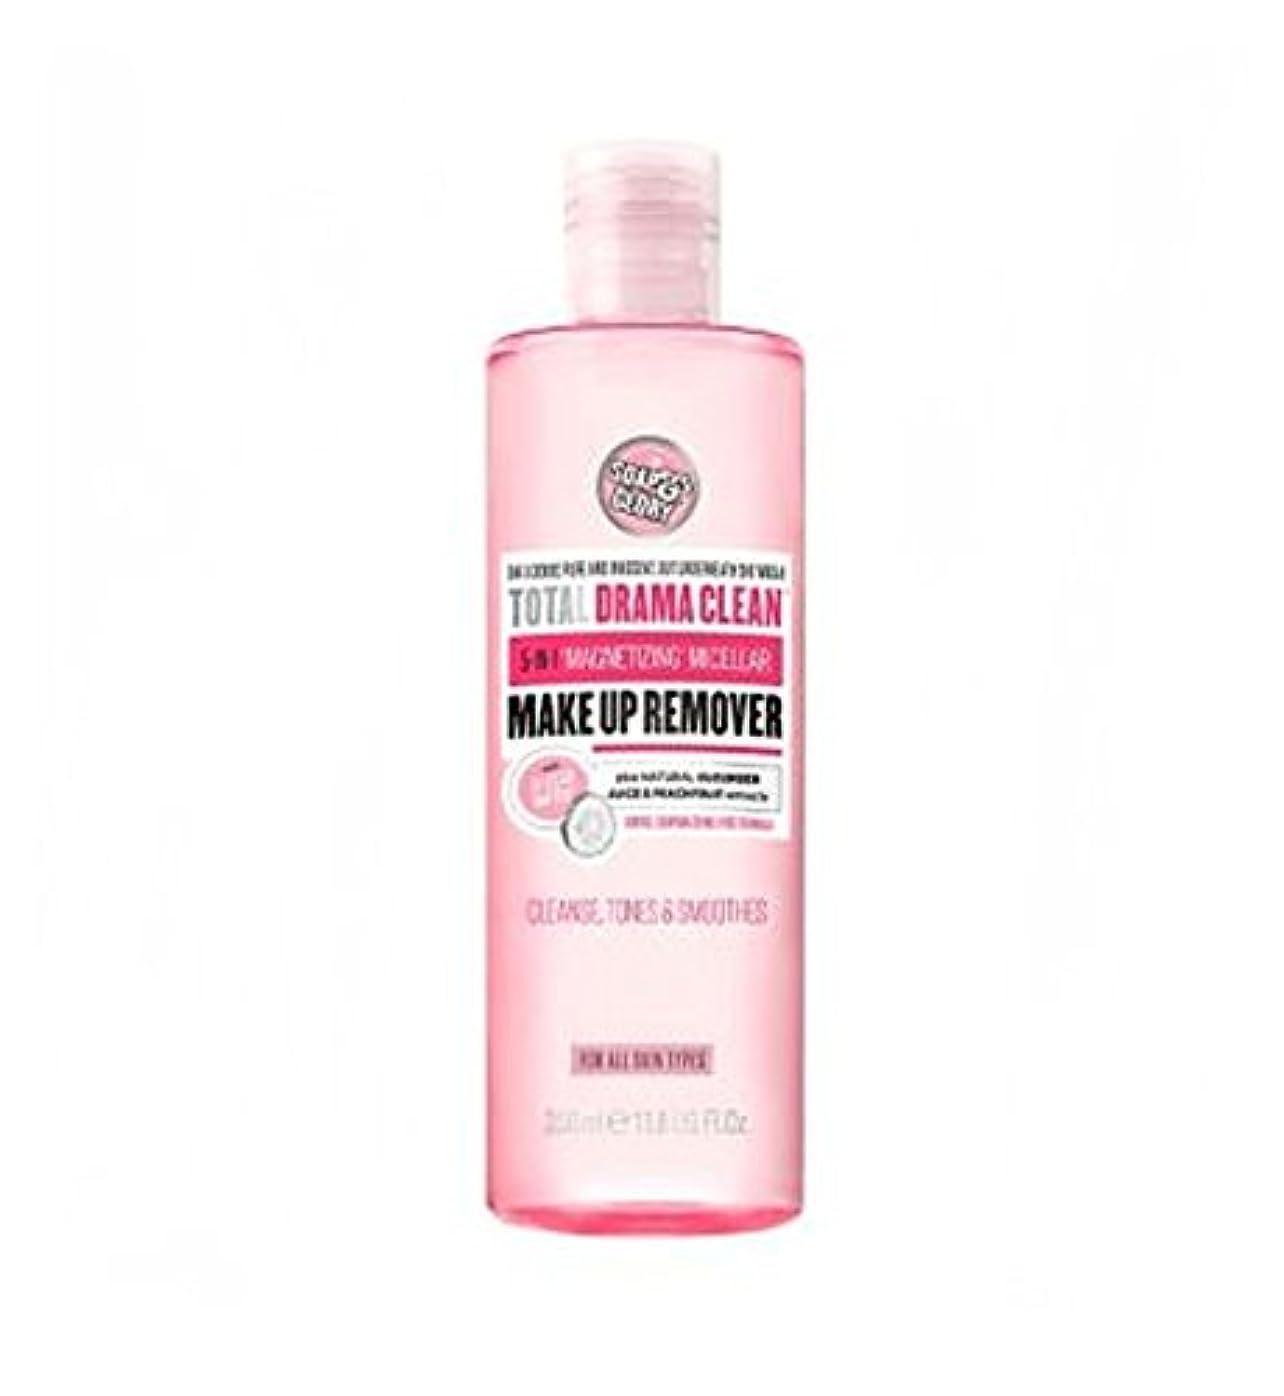 薄いフィドル拘束Soap & Glory DRAMA CLEAN? 5-in-1 Micellar Cleansing Water 350ml - 石鹸&栄光のドラマクリーン?5-In-1のミセル洗浄水350ミリリットル (Soap &...